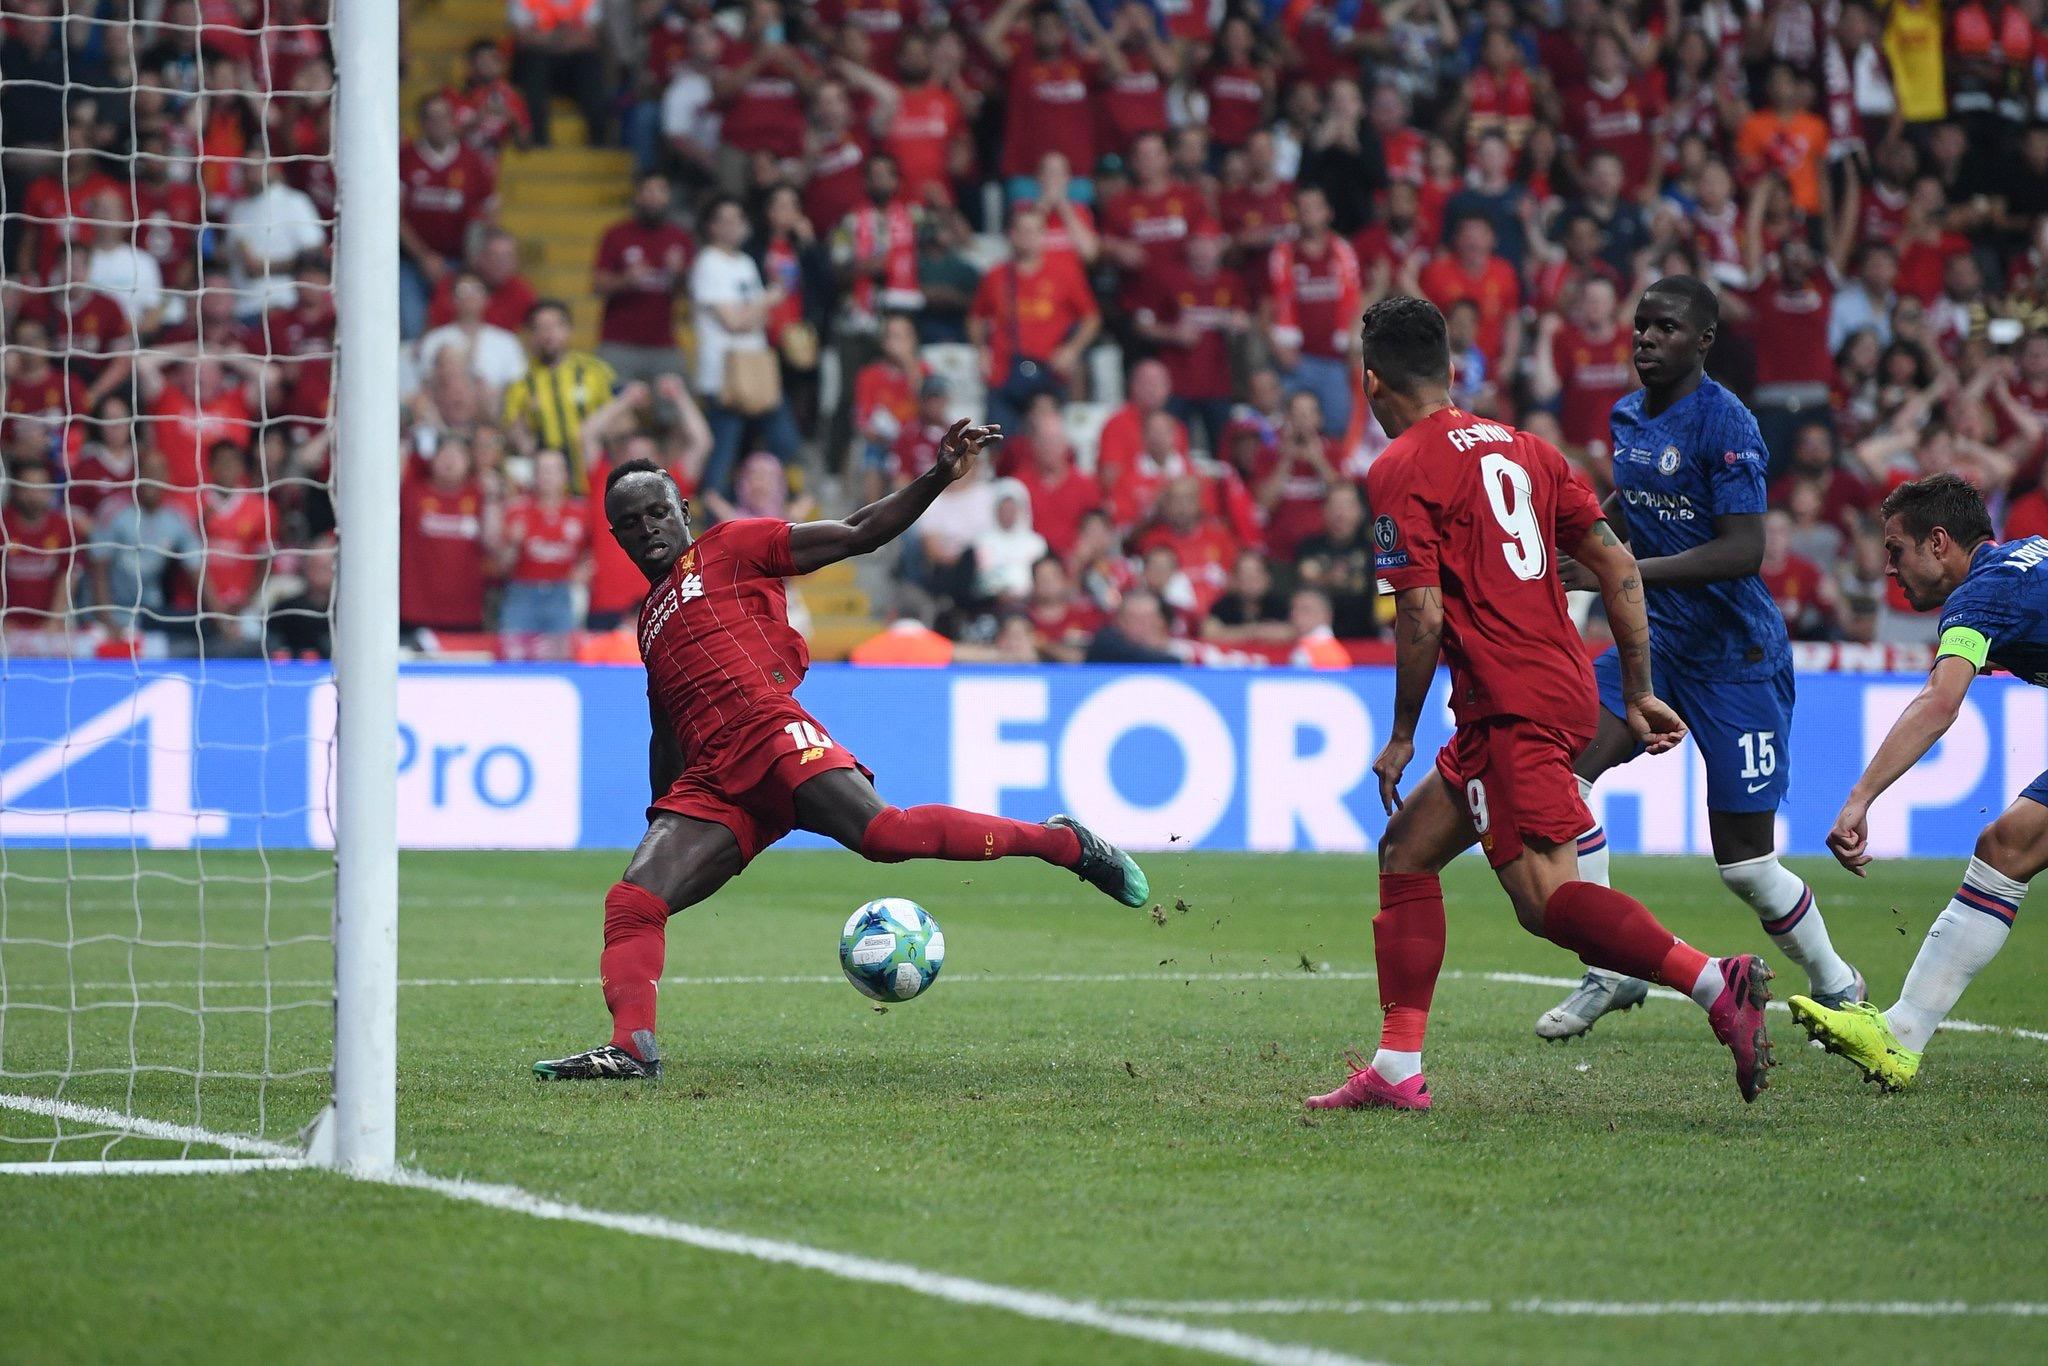 Finale Supercoupe d'Europe: Mané donne l'avantage à Liverpool (2-1)